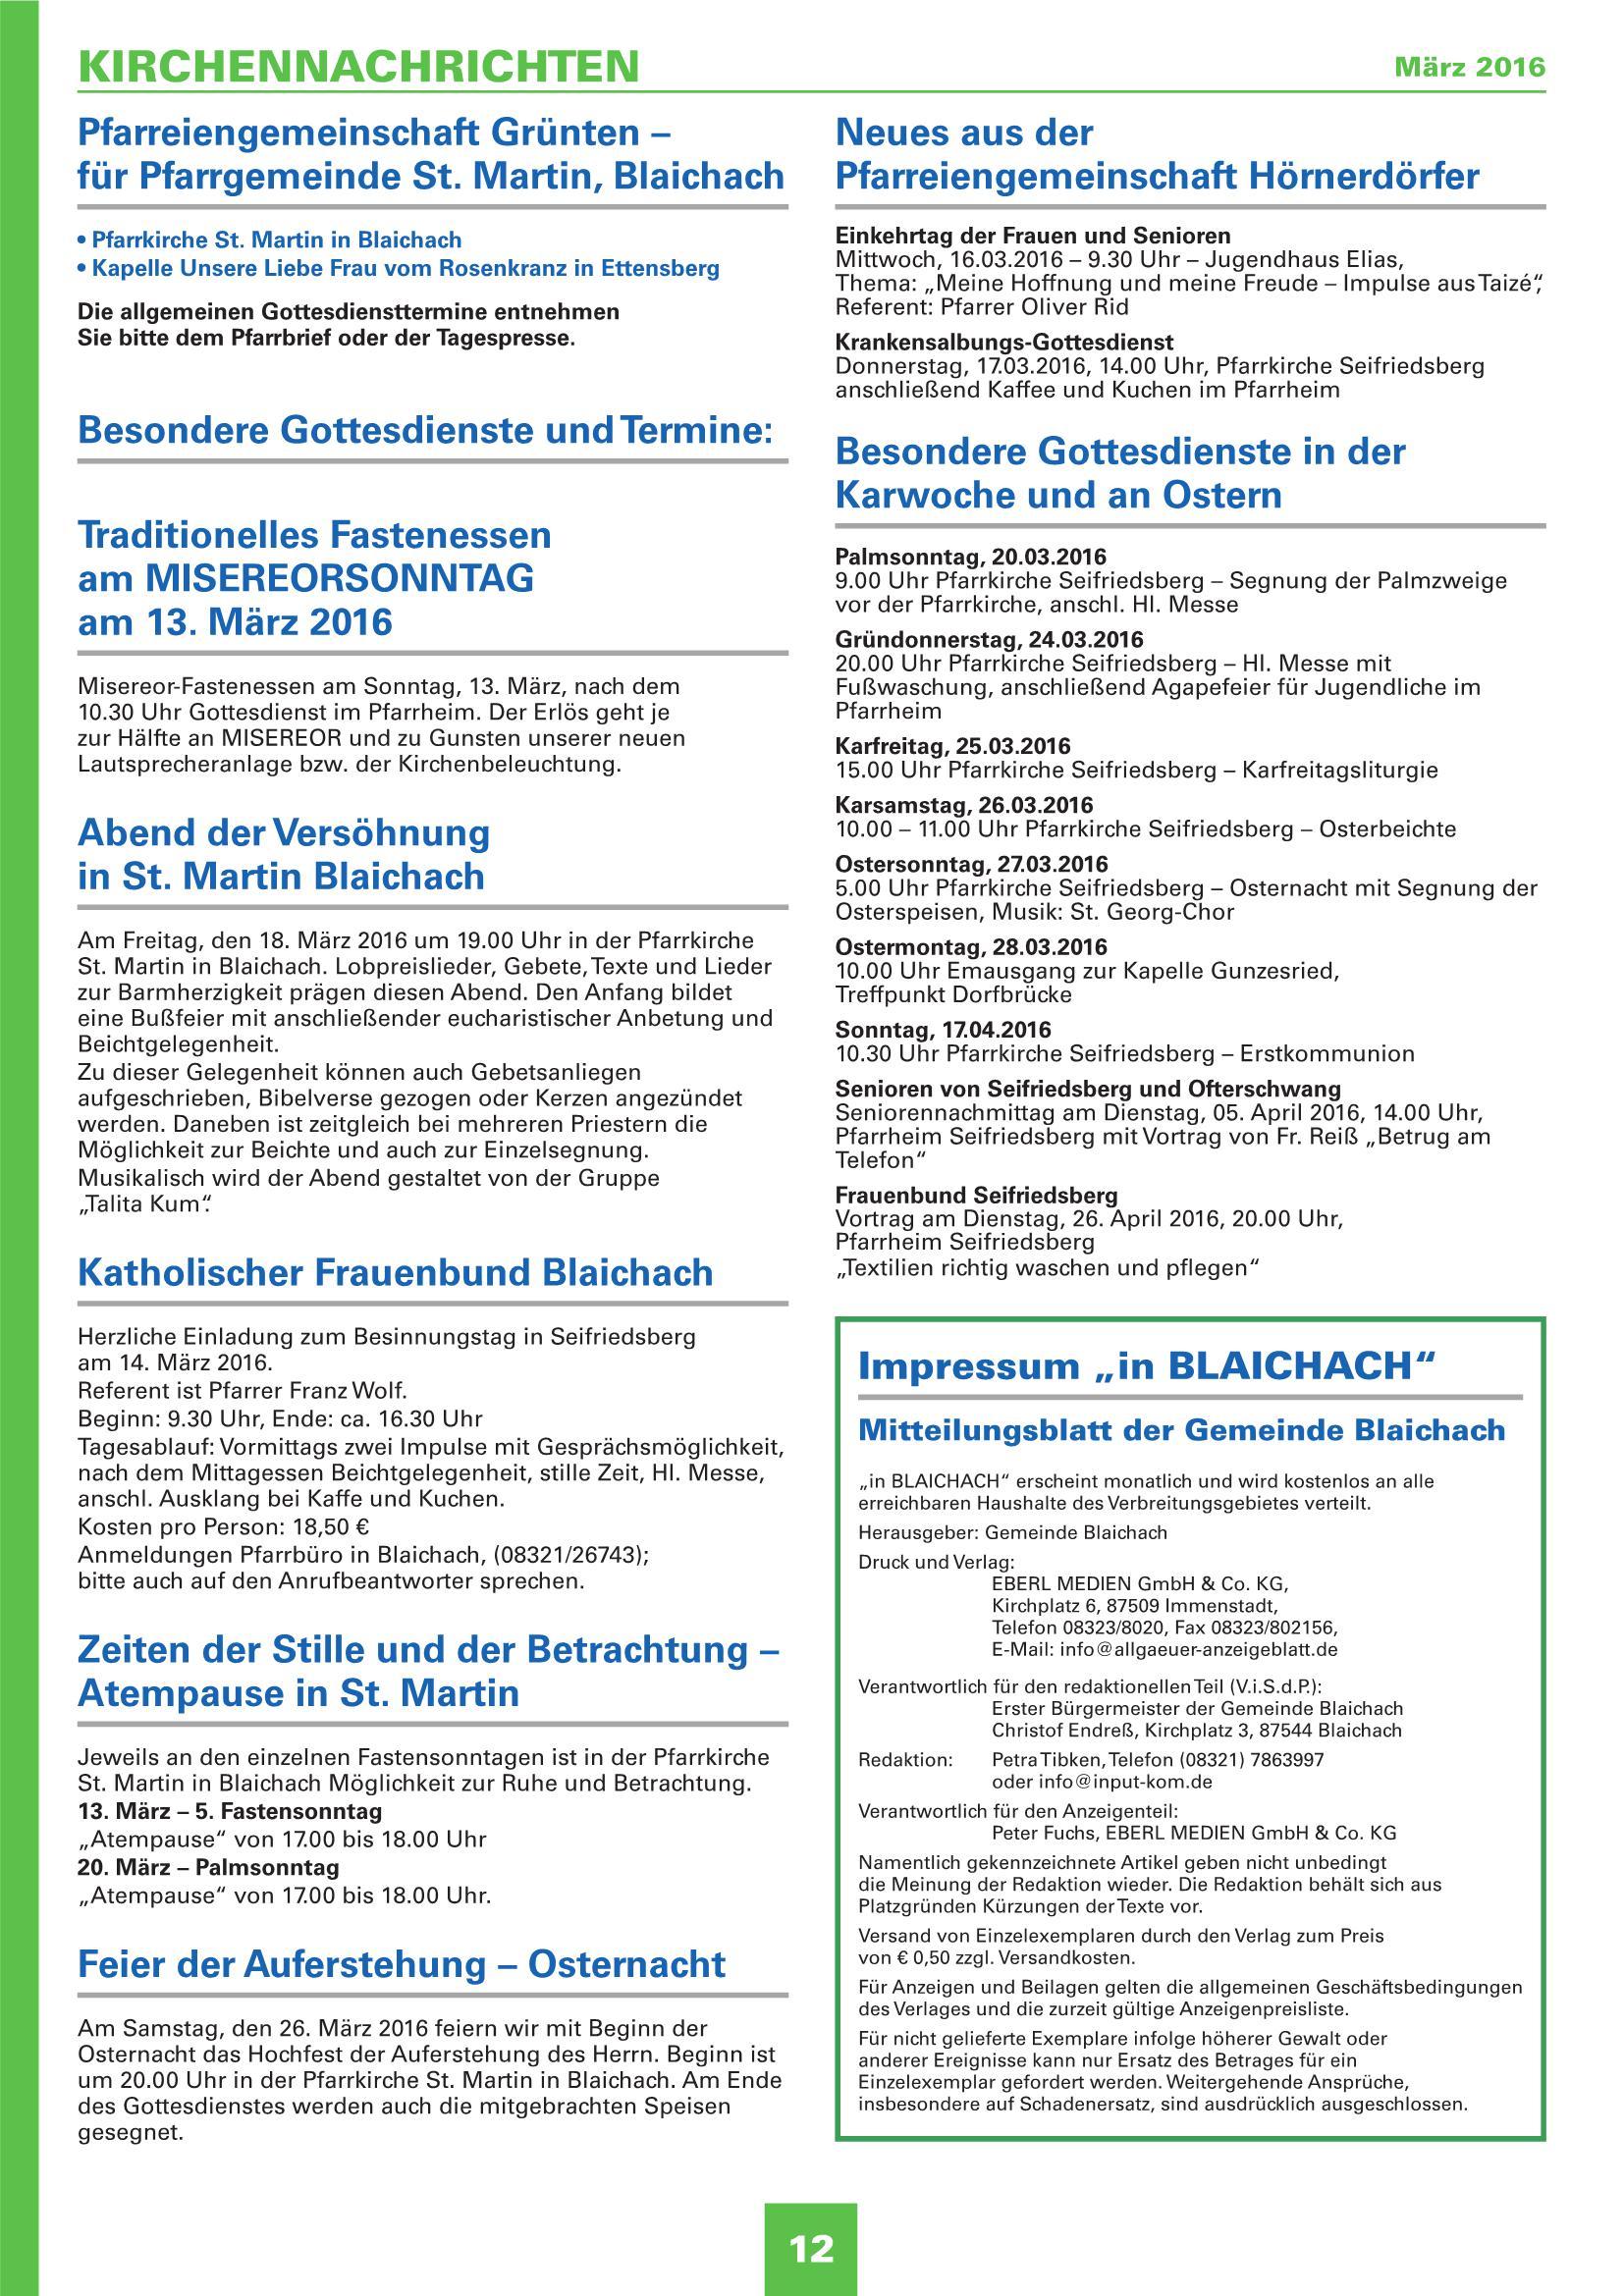 Mitteilungsblatt Marz 2016